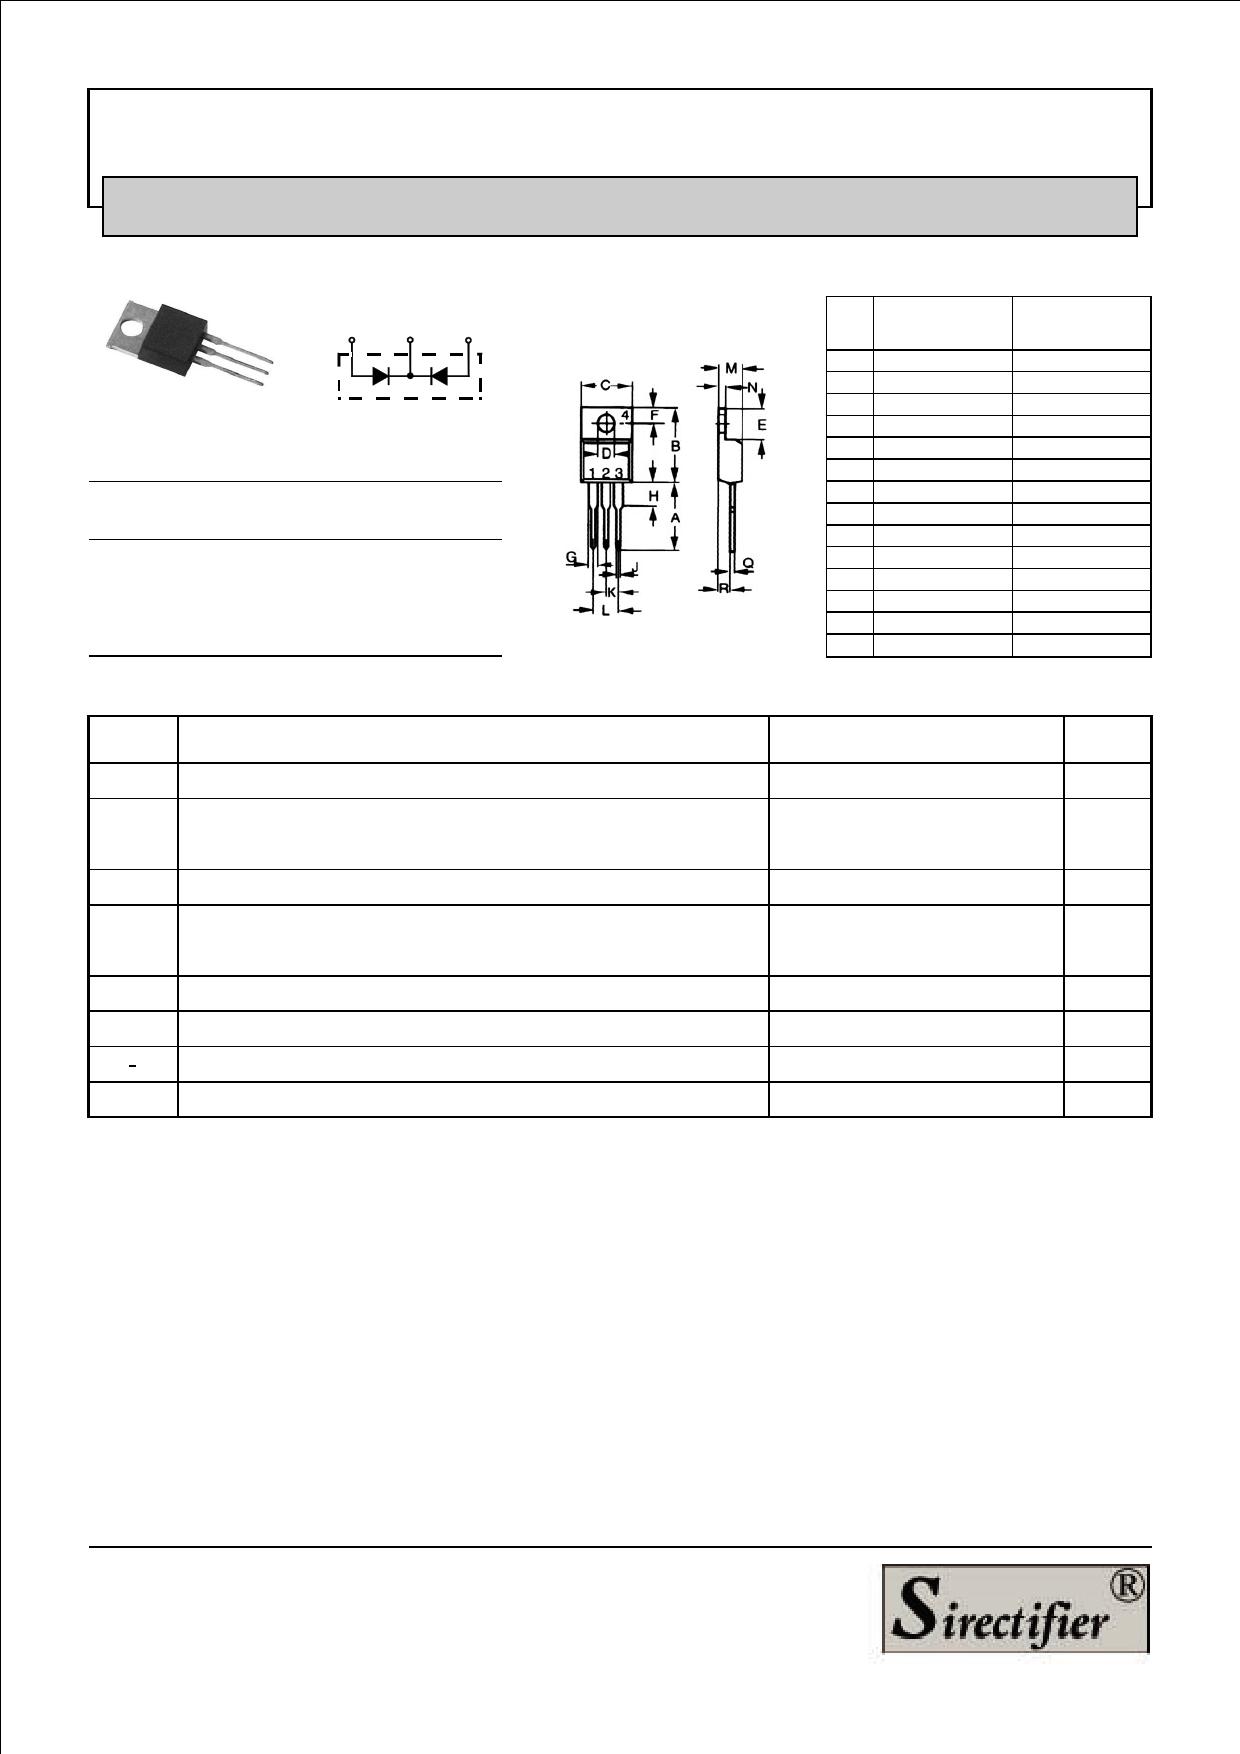 STPRF1615CT Datasheet